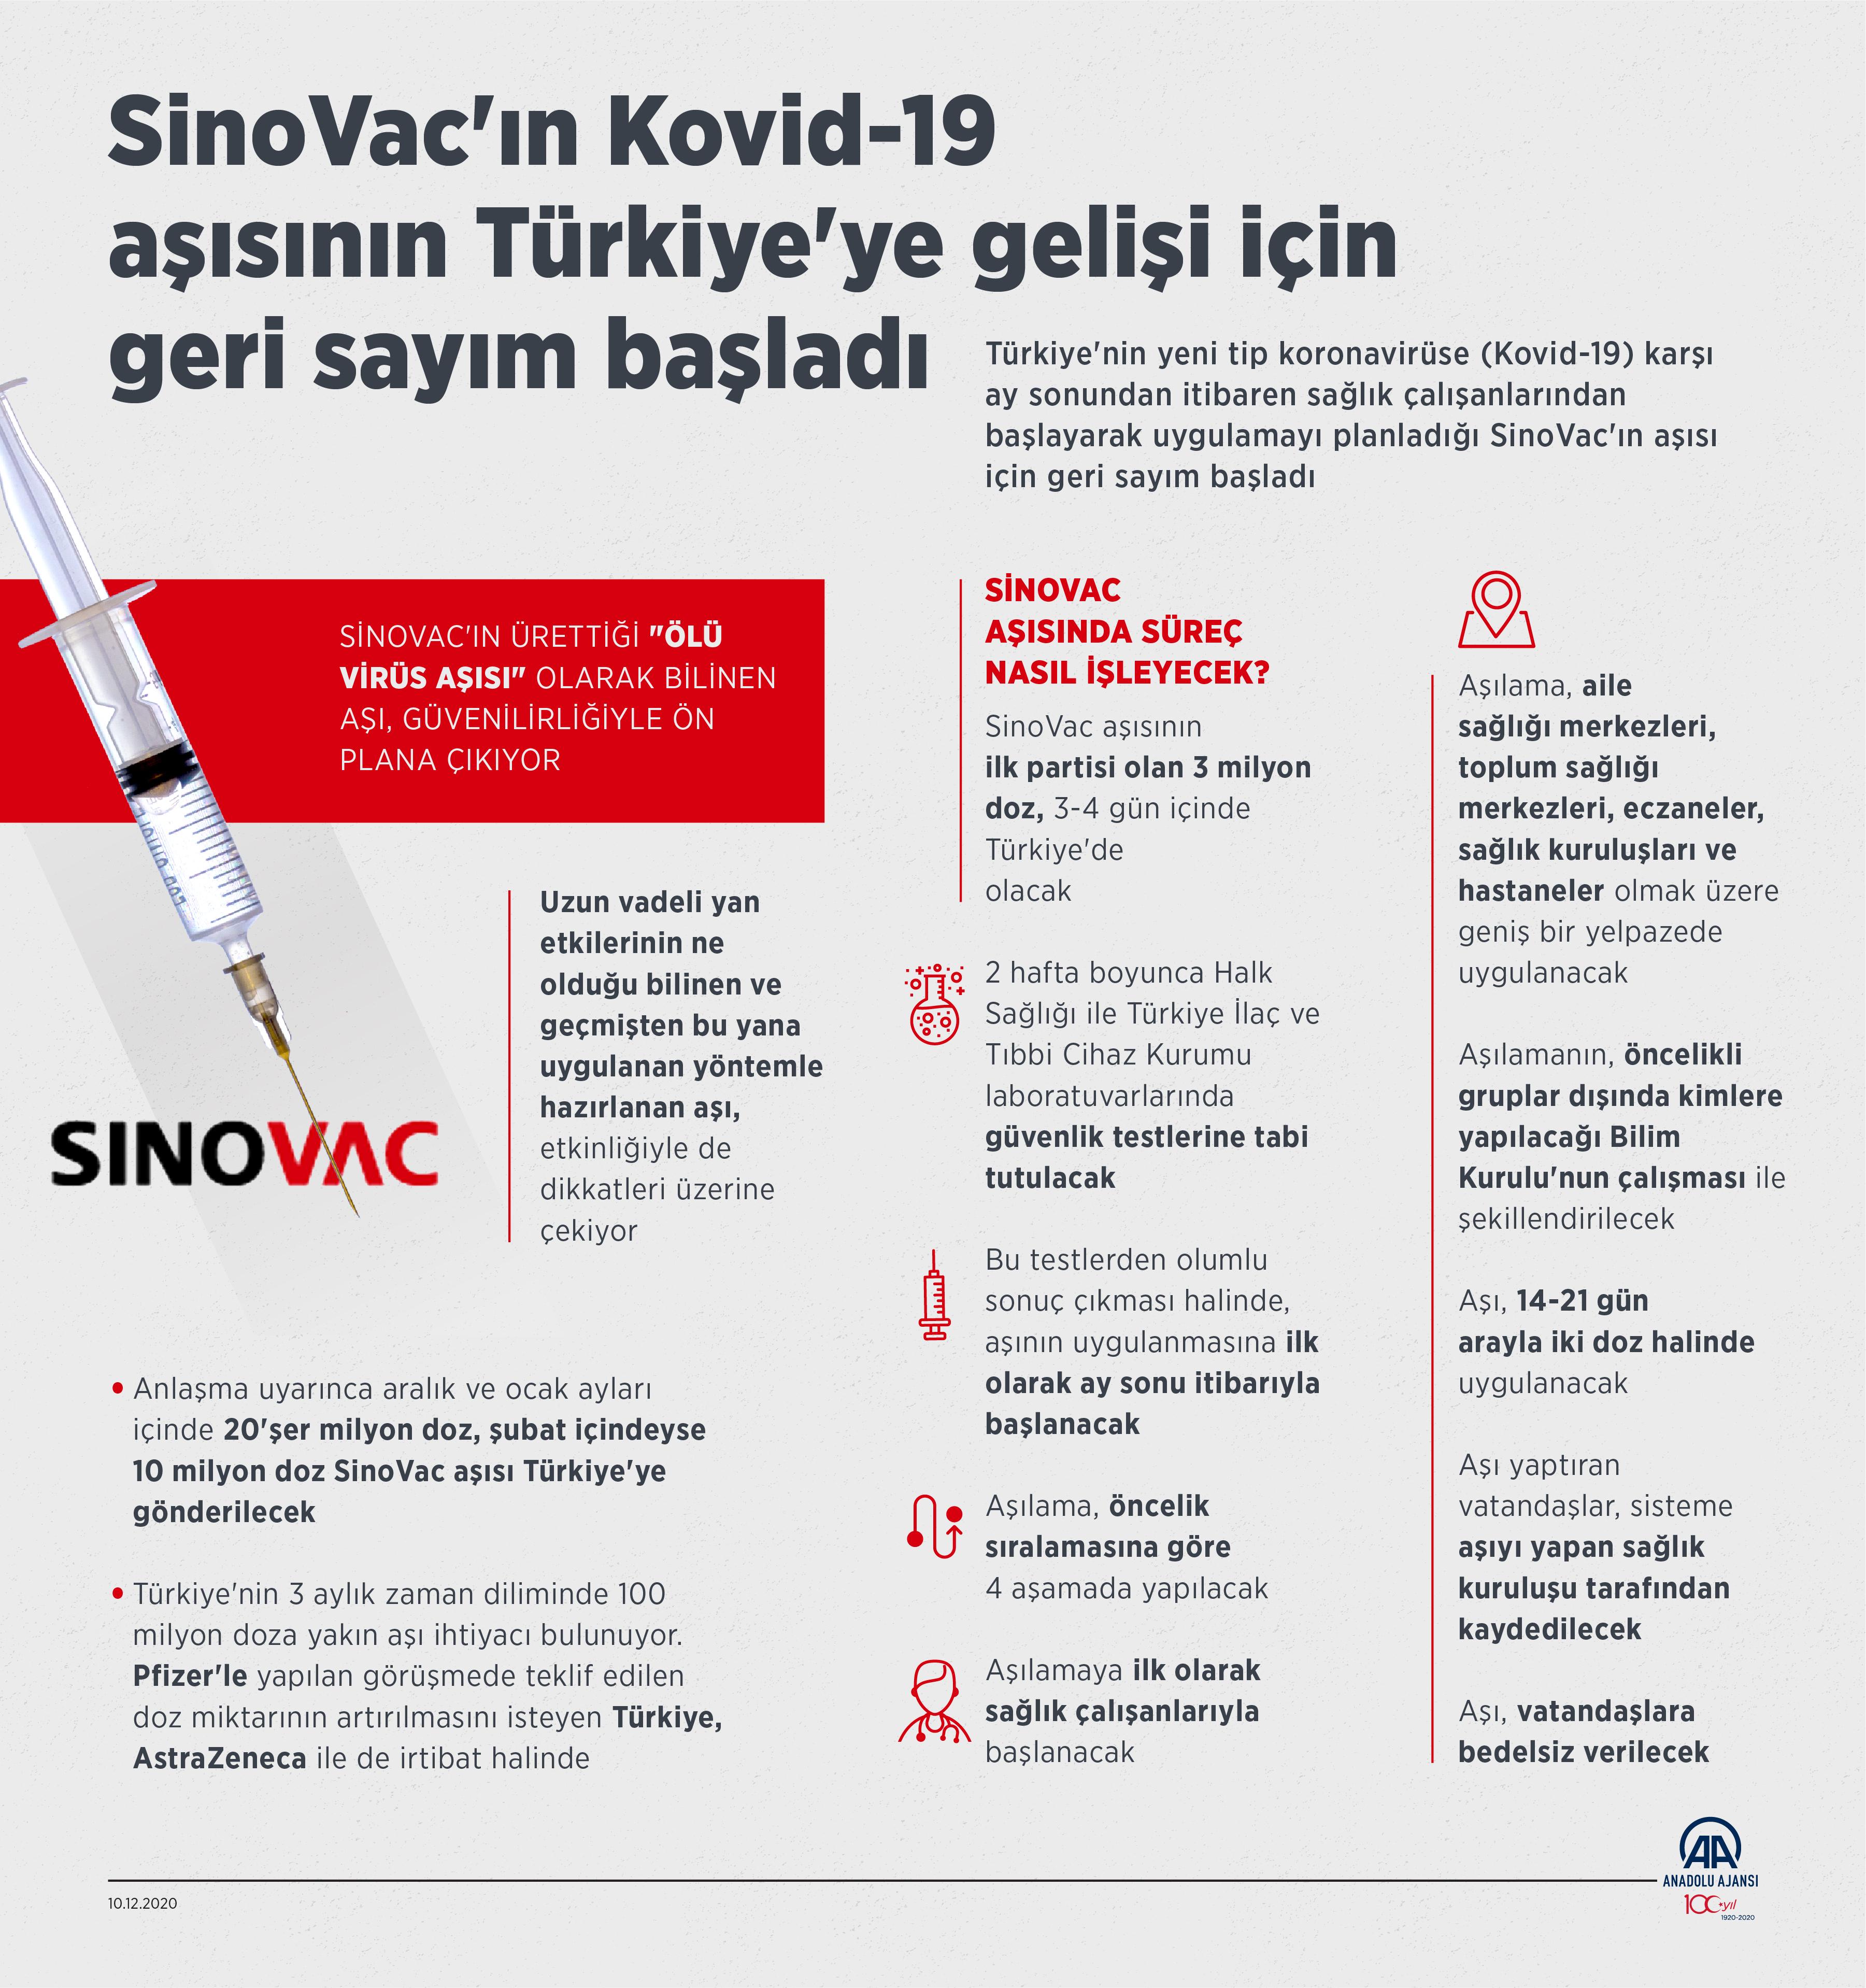 8 Ocak CumaTürkiye Günlük Koronavirüs Tablosu | Türkiye günlük vaka sayısı kaç oldu?